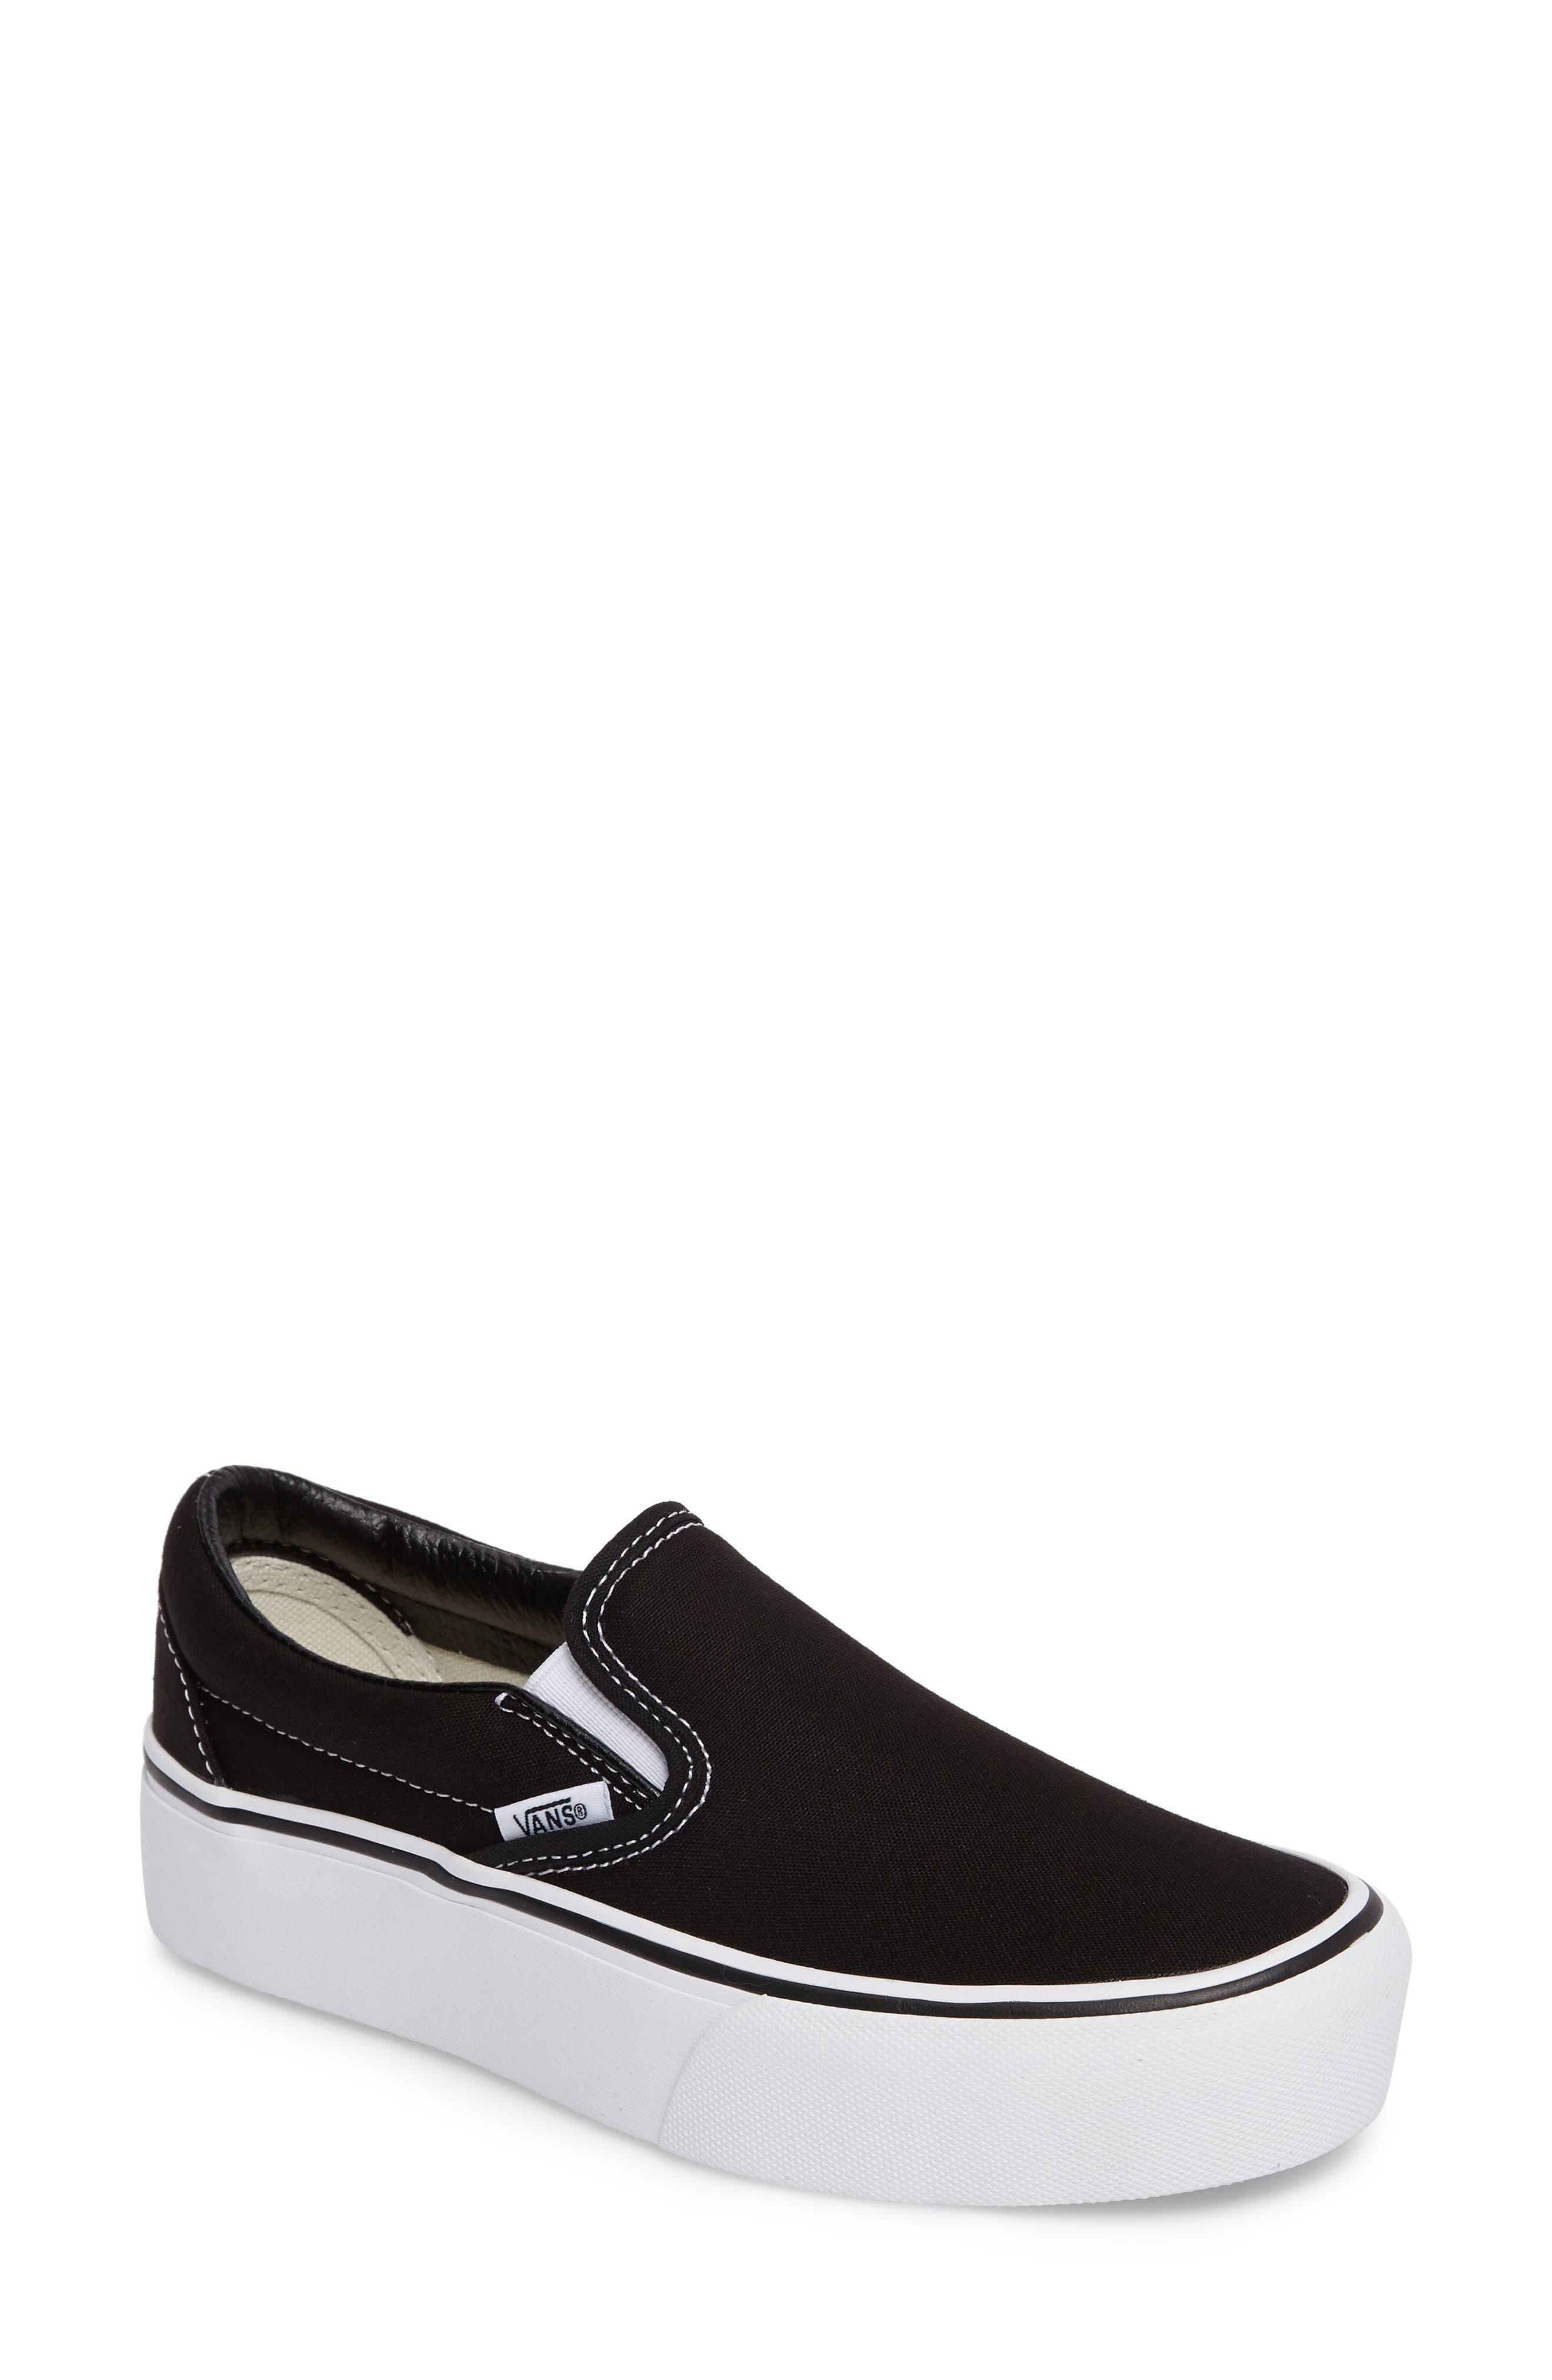 Platform Slip-On Sneaker,                             Main thumbnail 1, color,                             BLACK/ WHITE